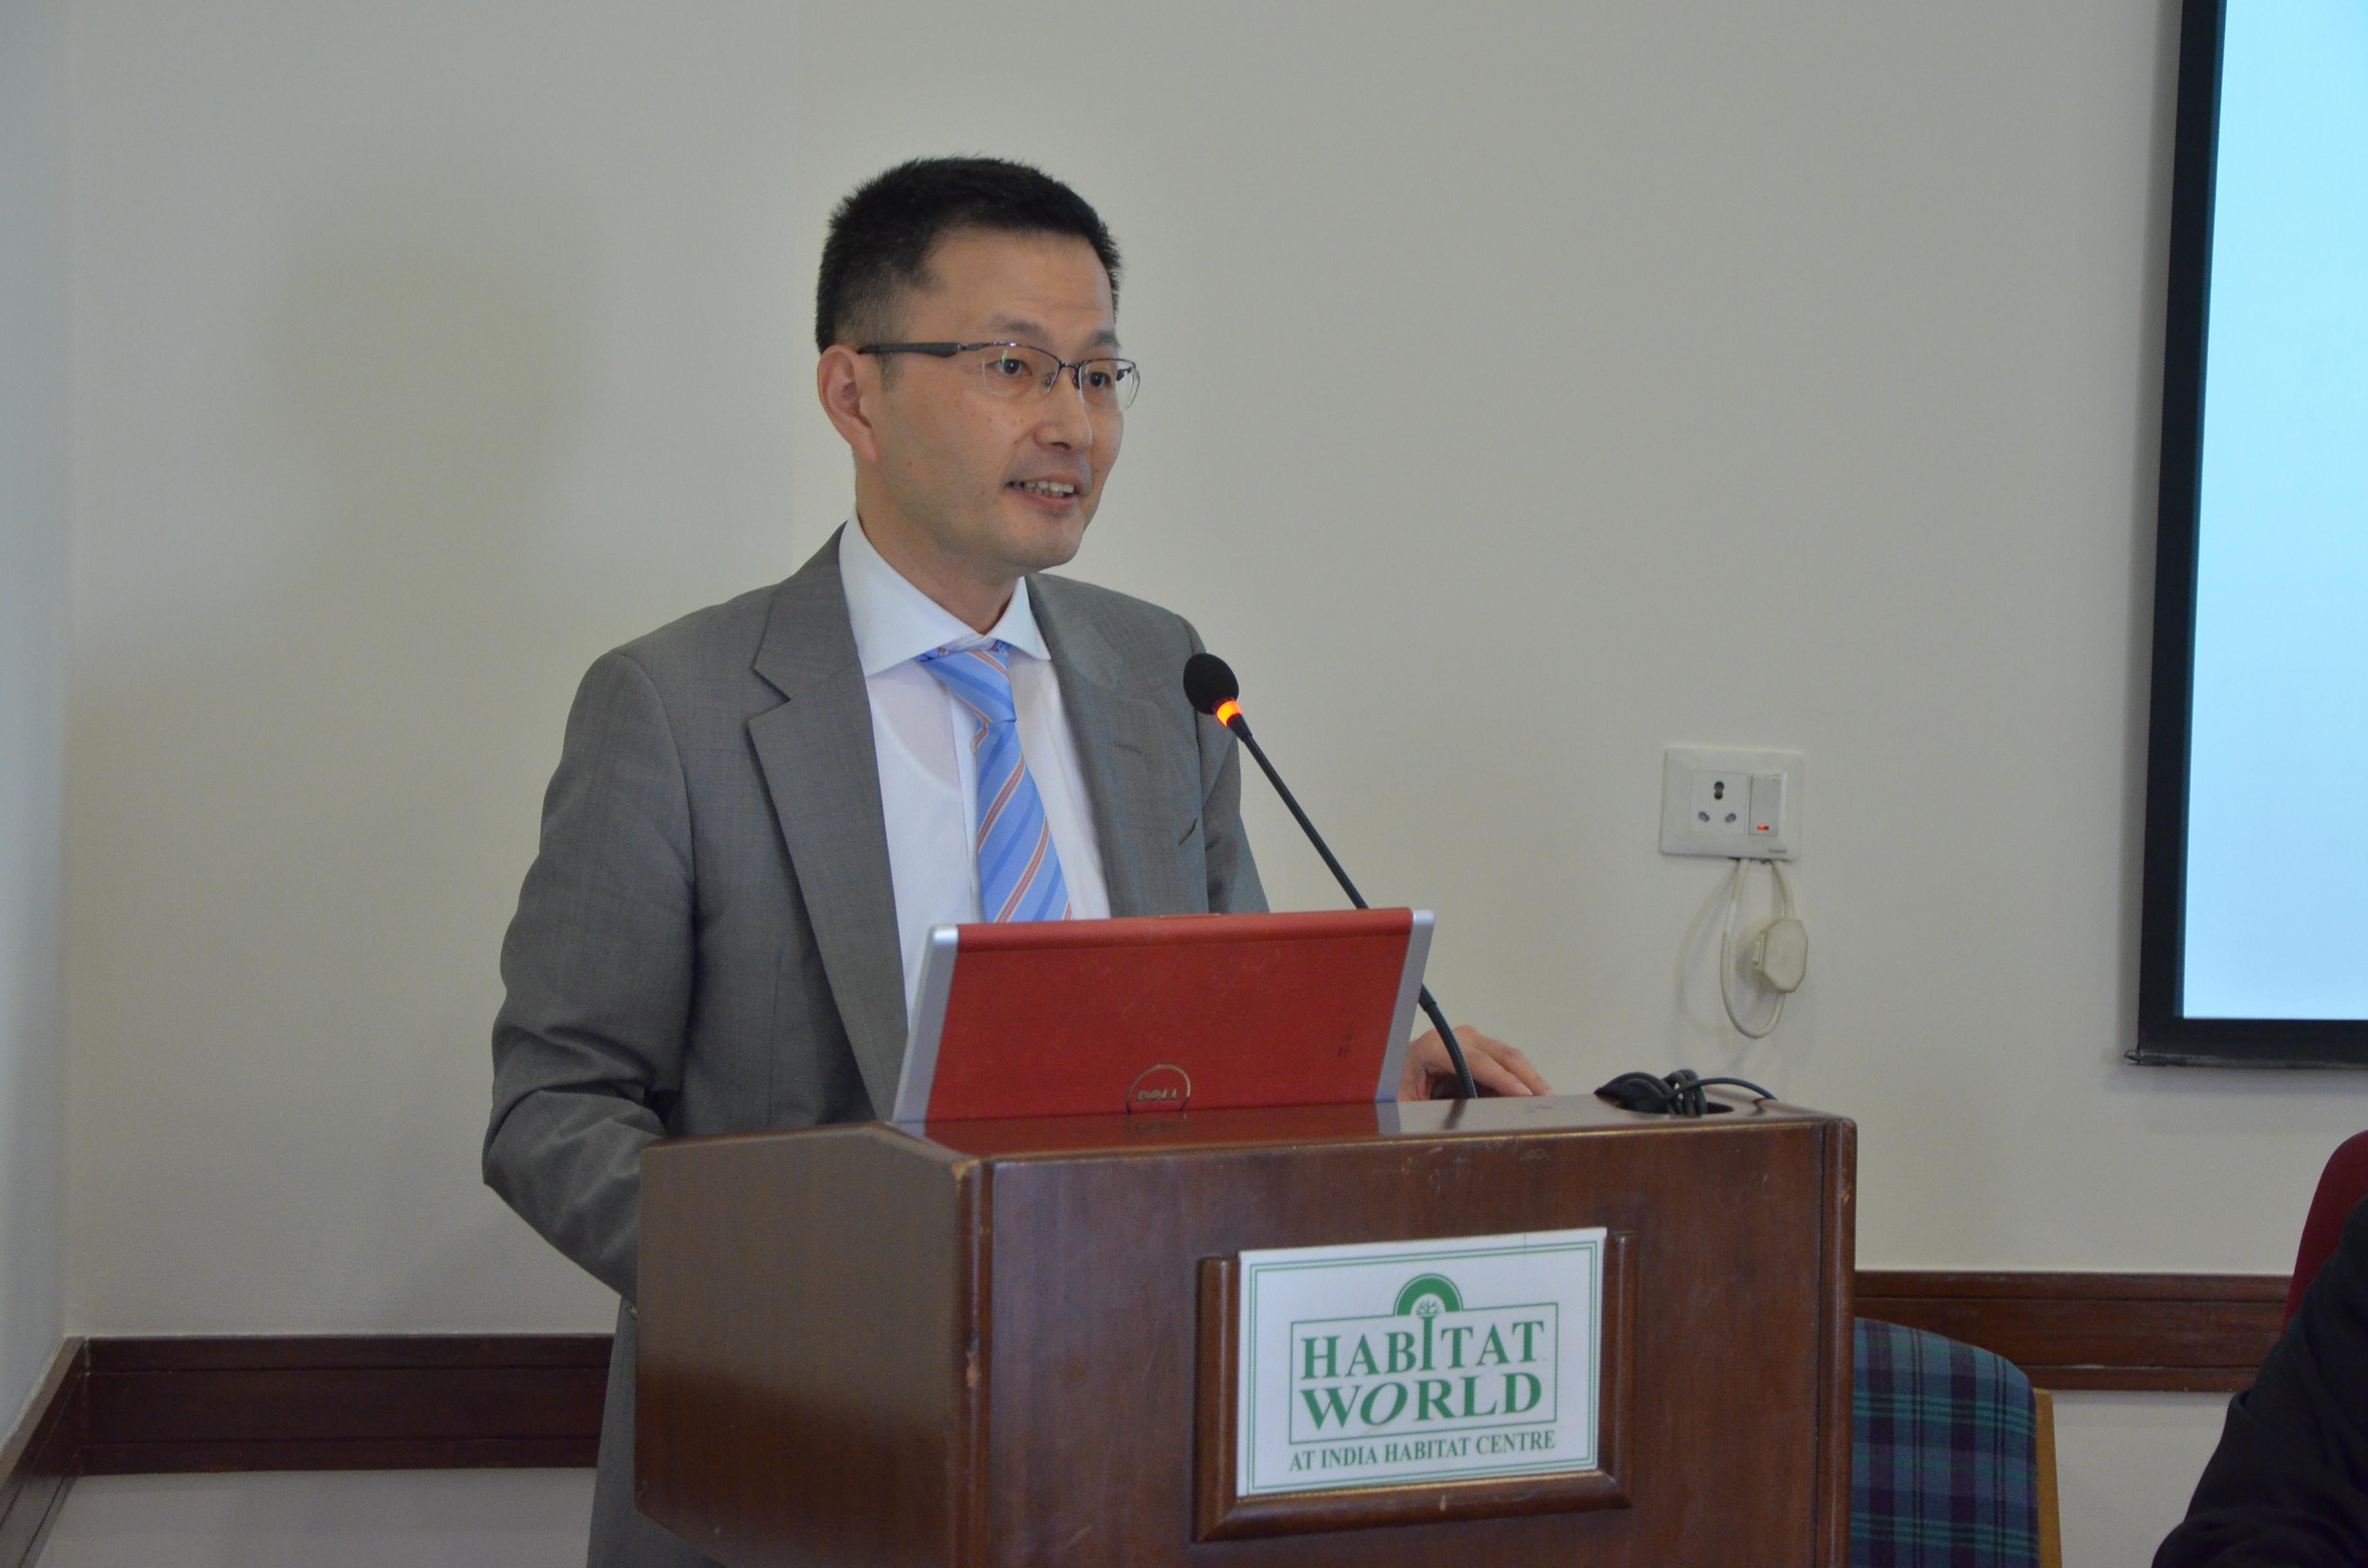 Prof. Wakatabe